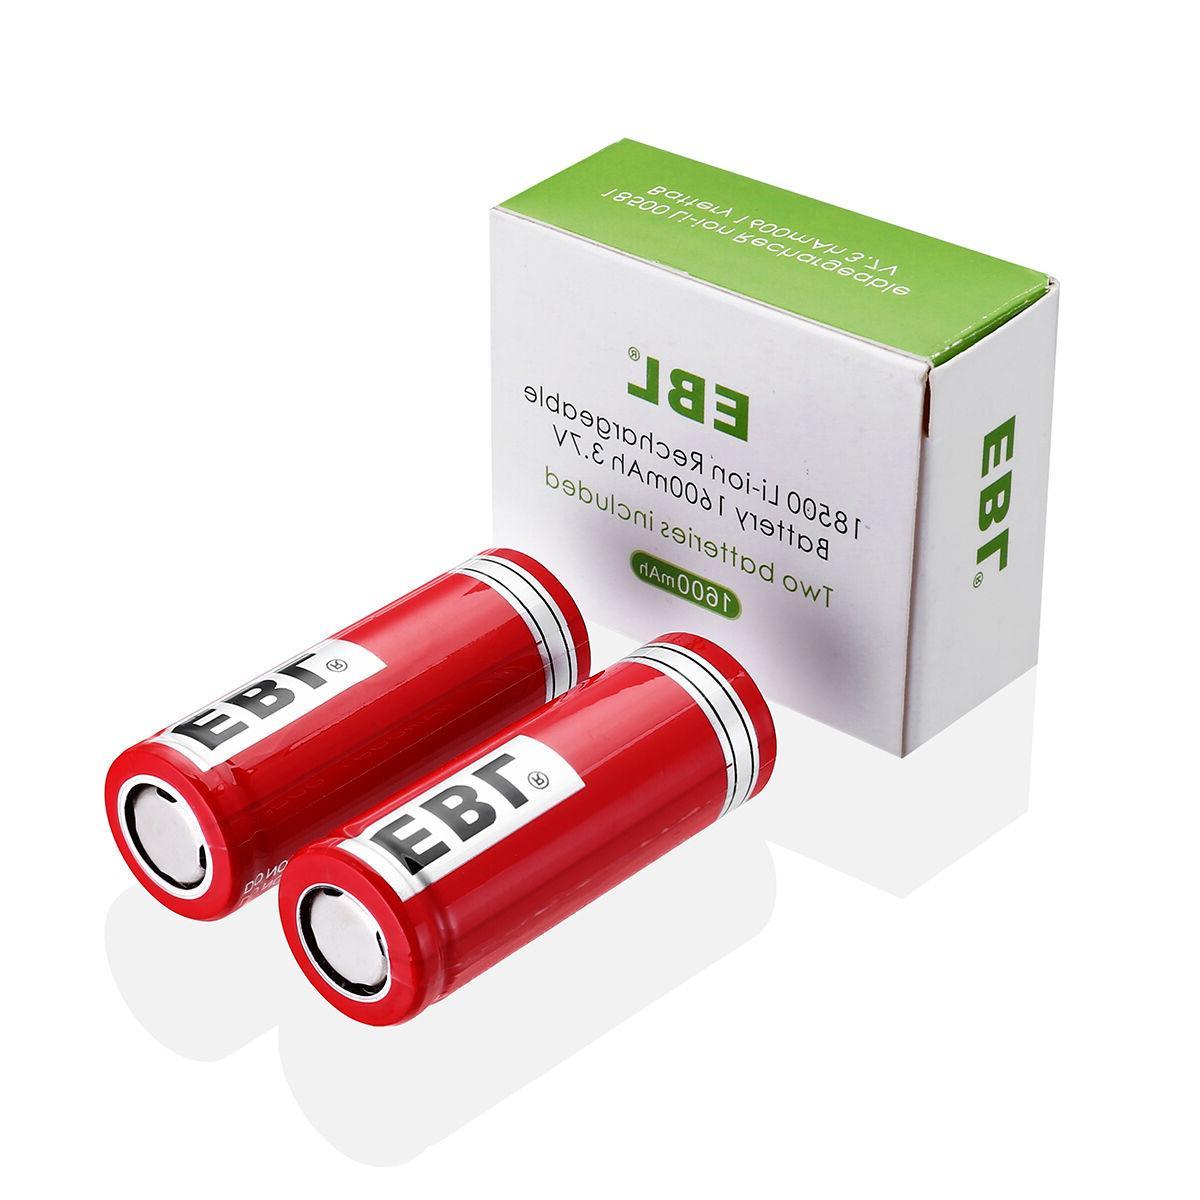 2 x EBL INR 18500 3.7V 1600mAh Battery Li-ion Lithium Rechar